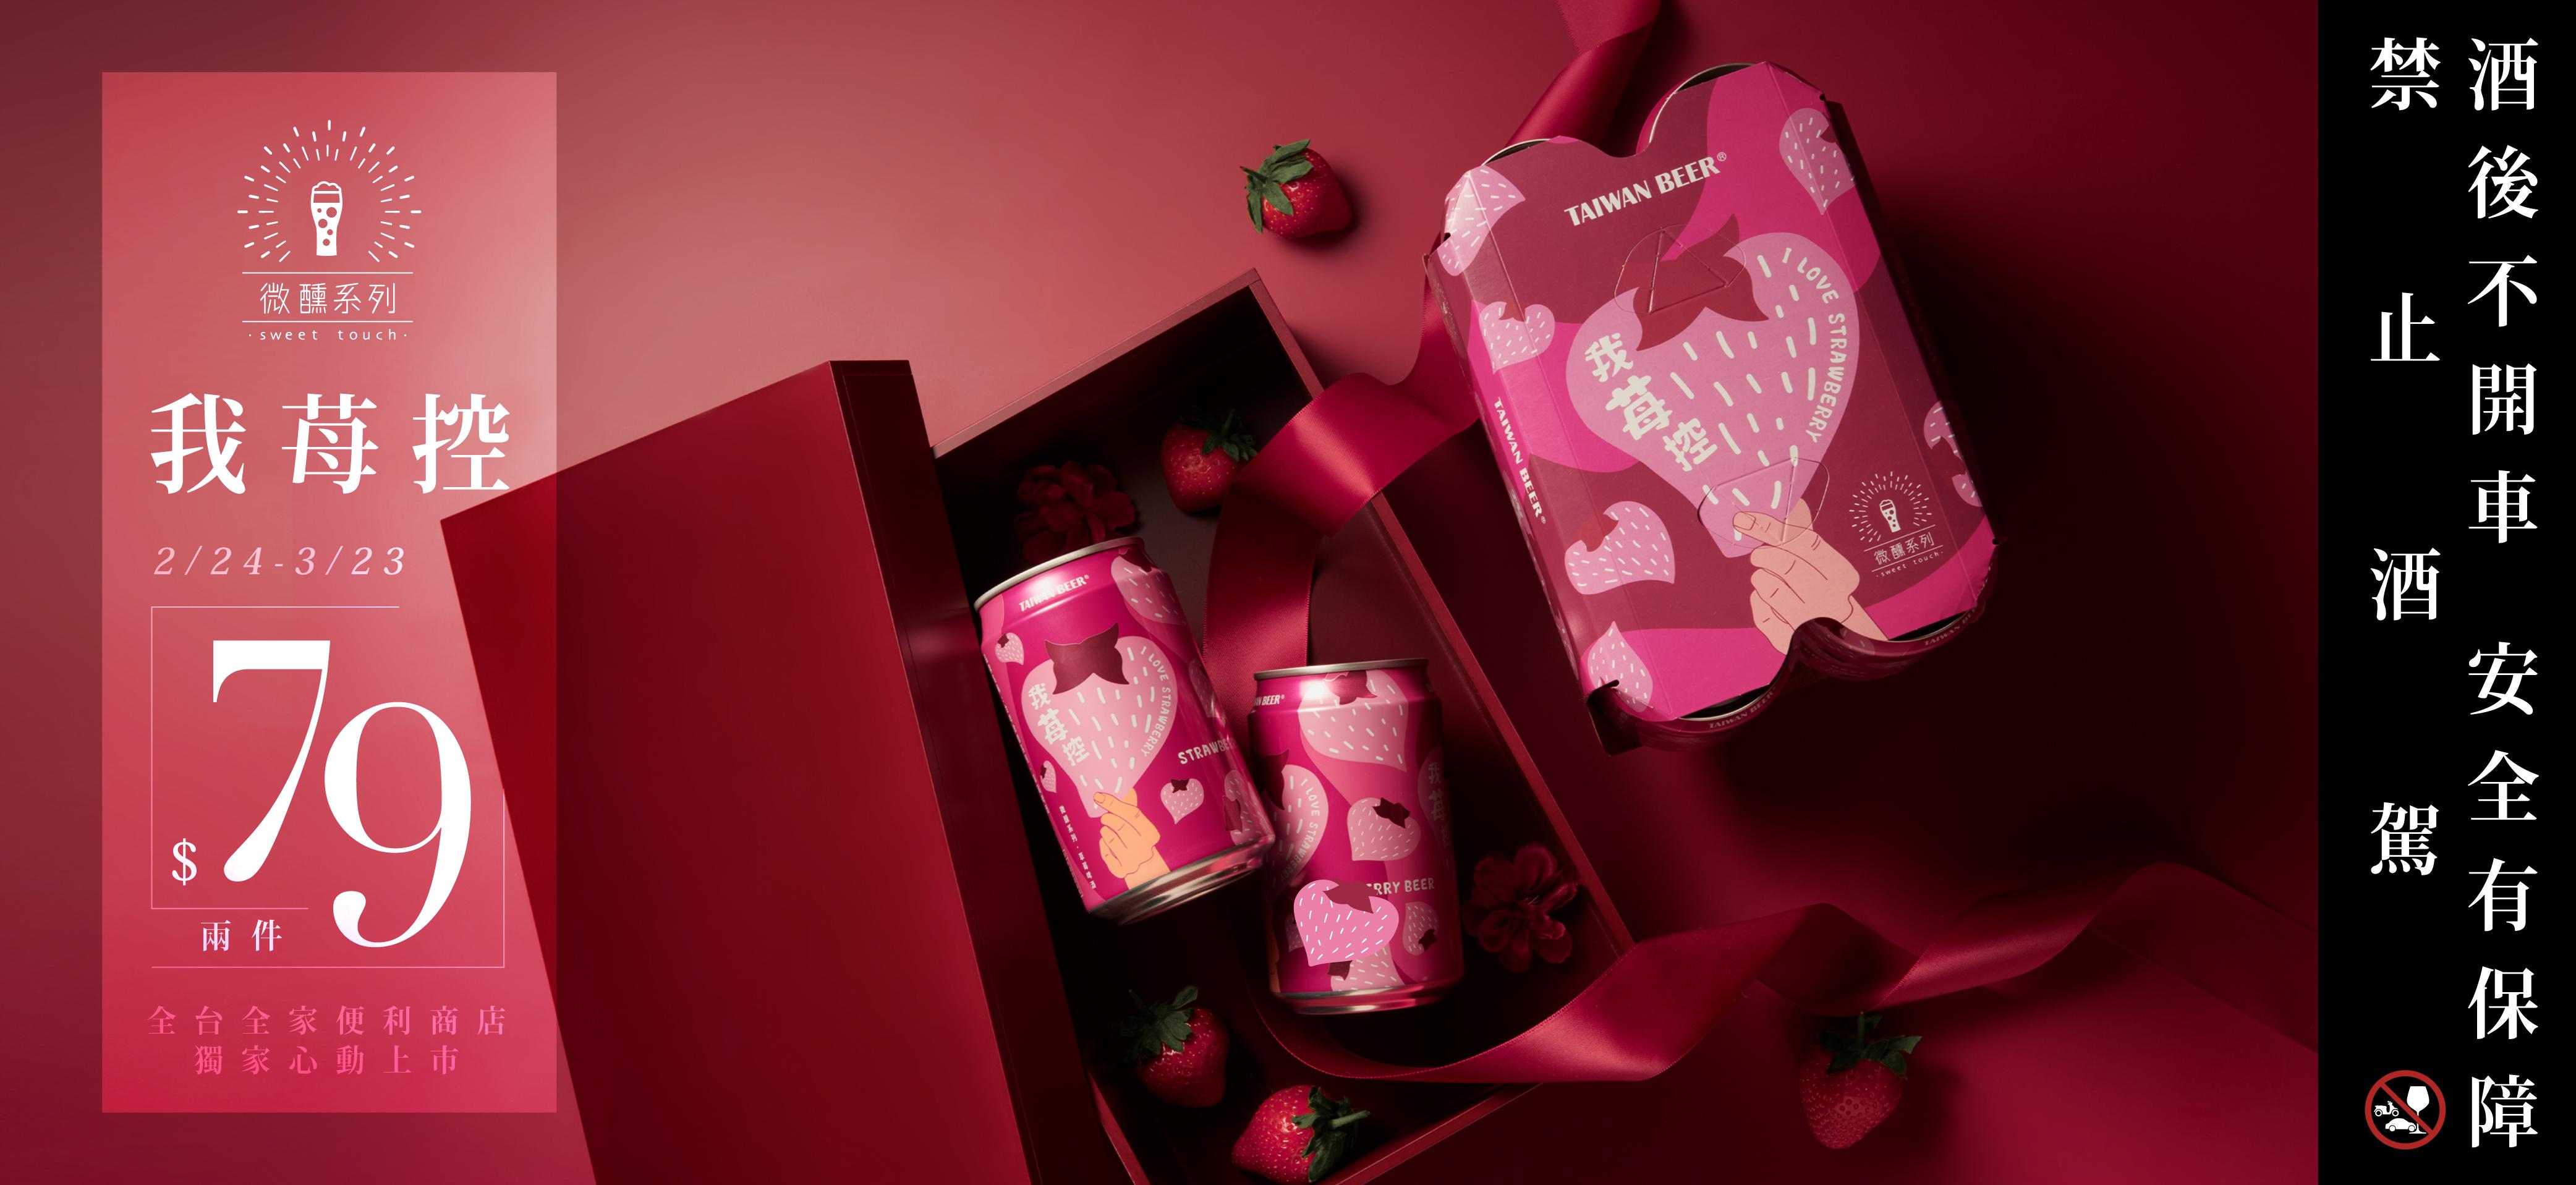 新春好心情,草莓控站出來!台啤微醺系列「我莓控-草莓啤酒」限定新上市